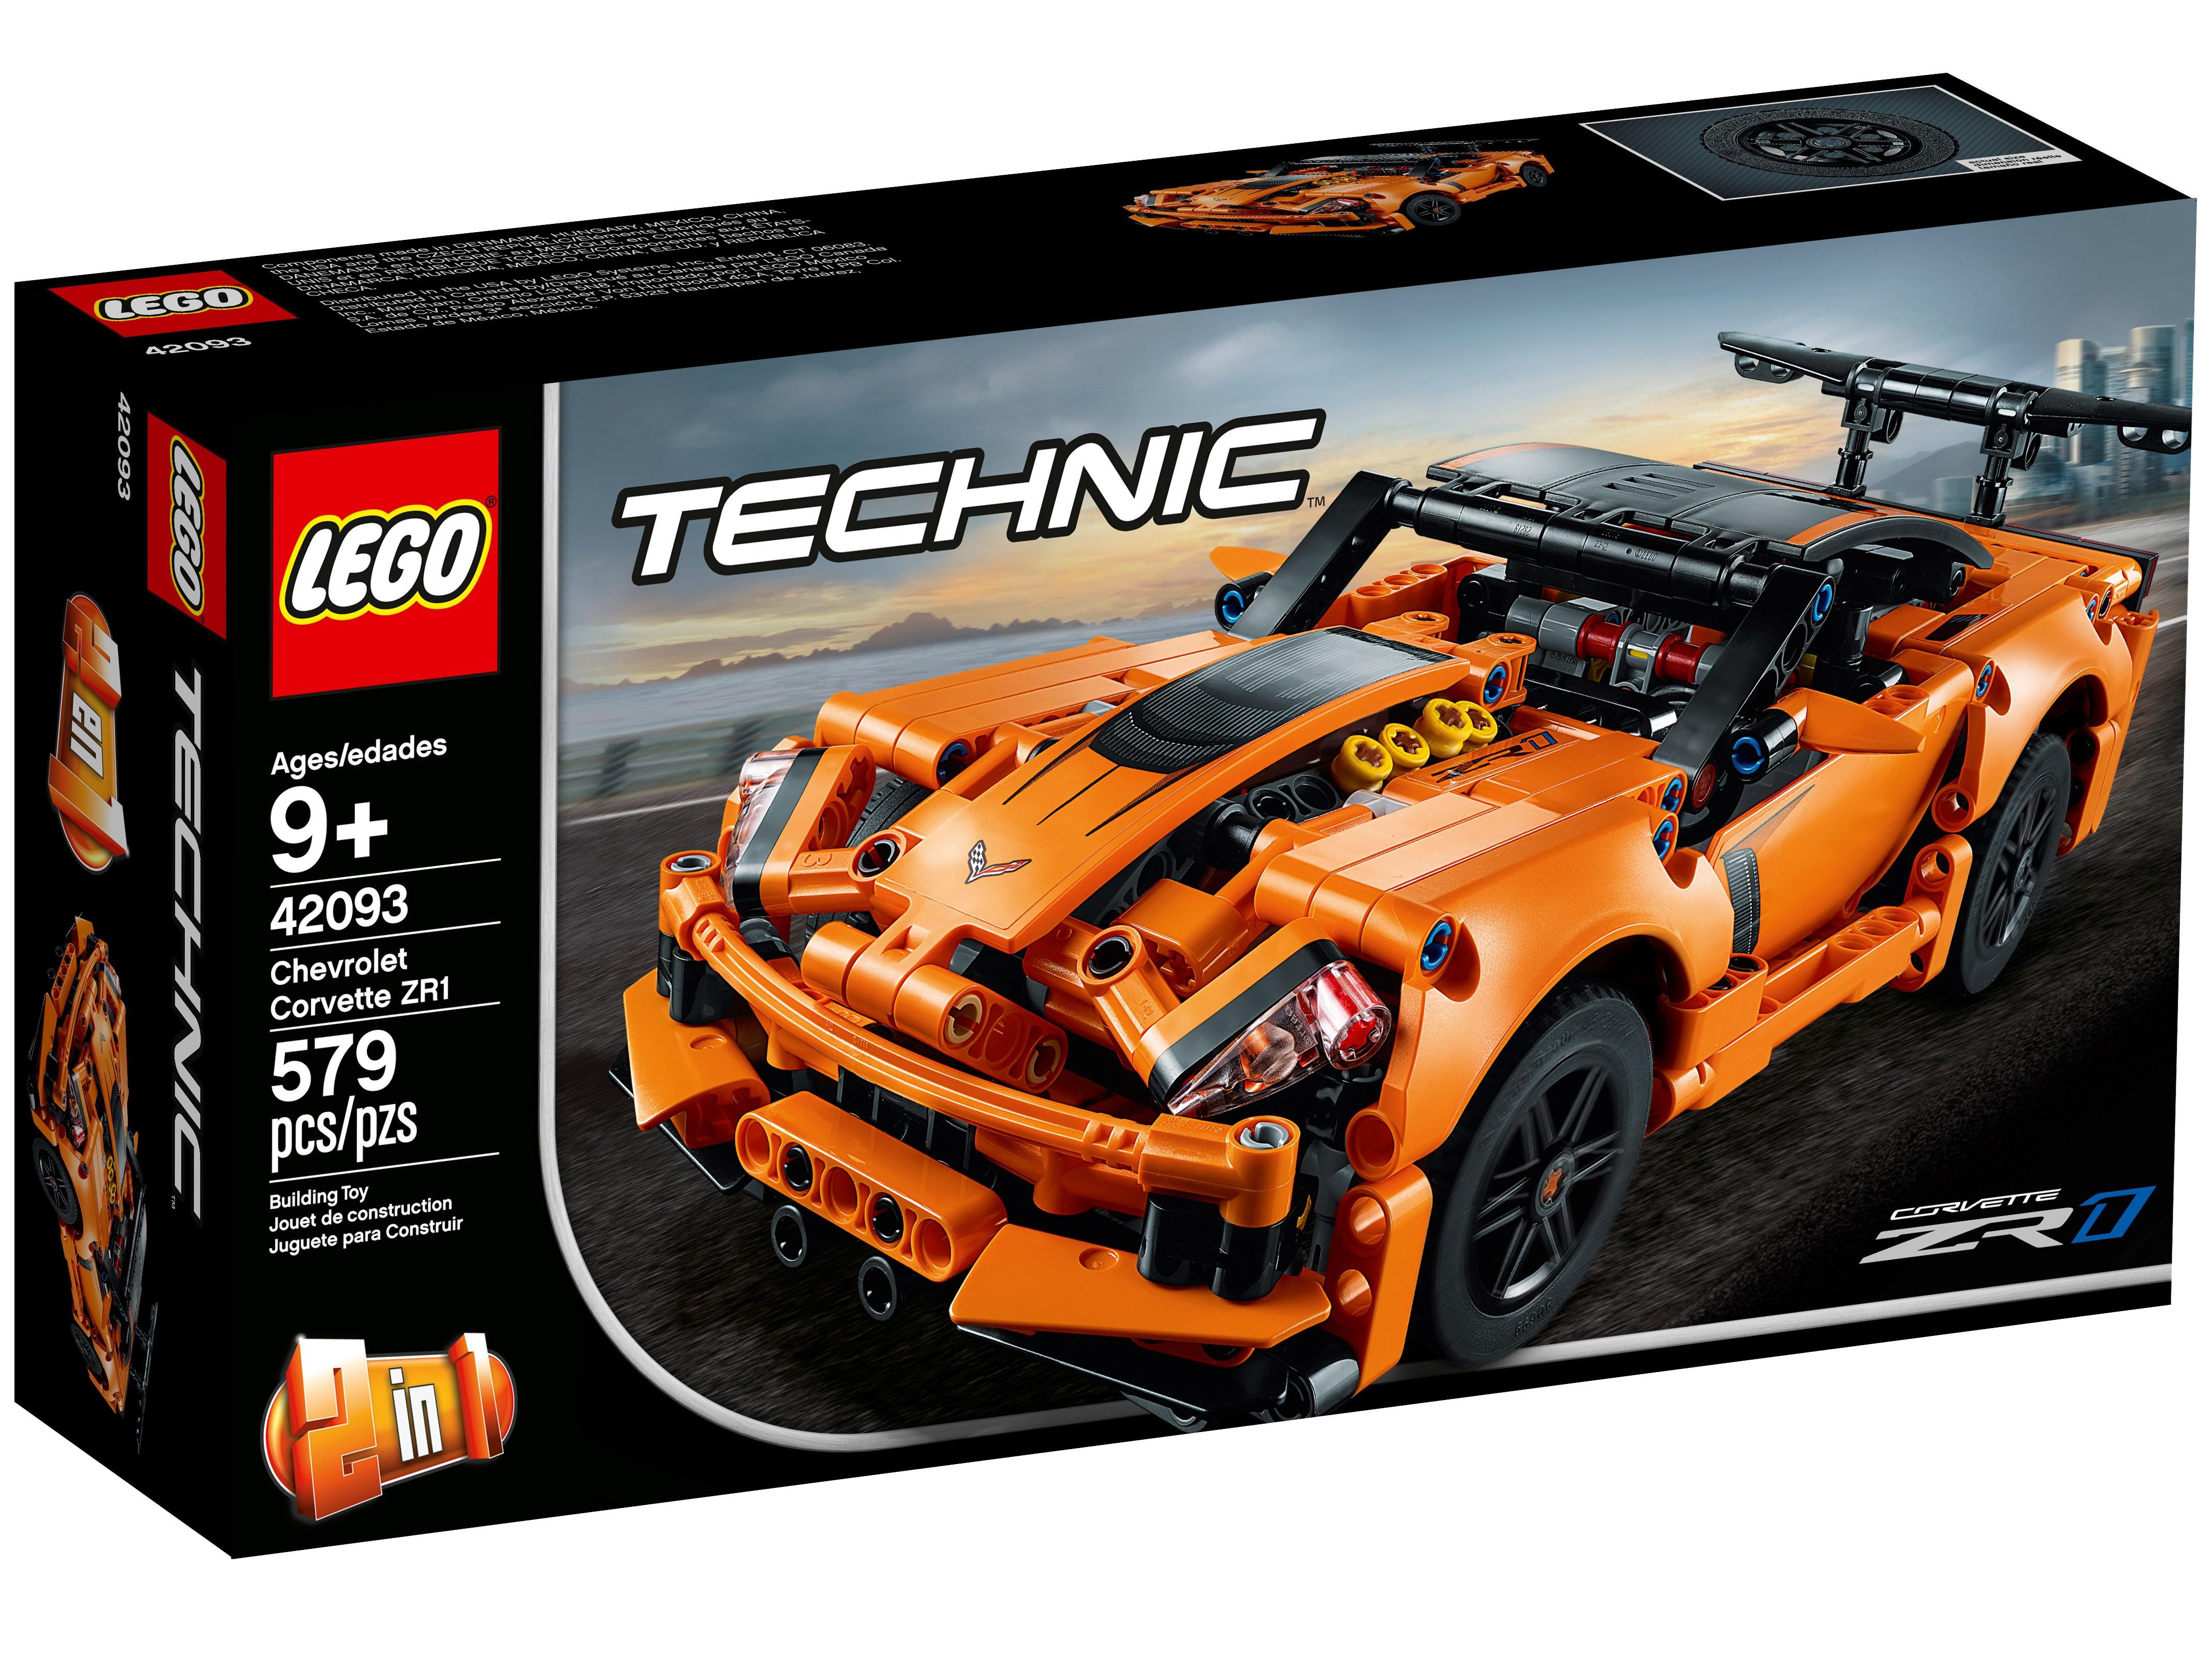 Chevrolet Corvette Zr1 42093 Technic Buy Online At The